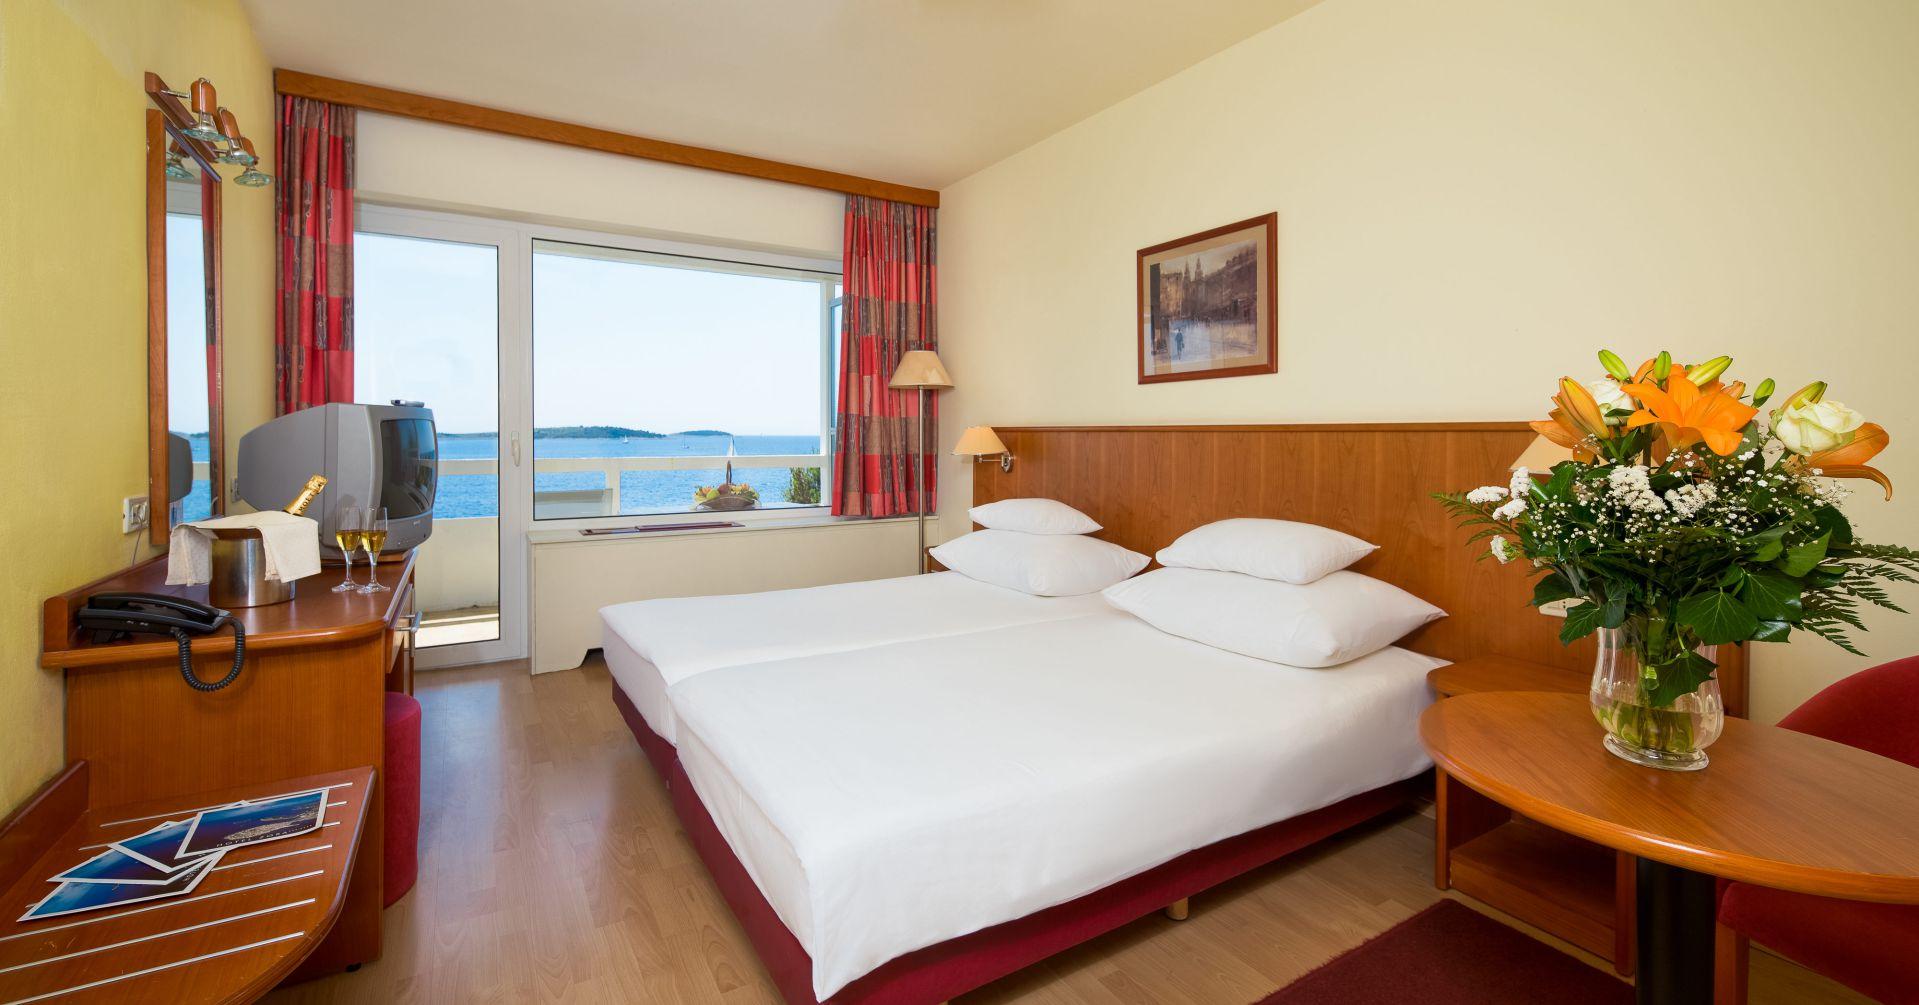 comfort room 01 14638698810 o - Zora Hotel